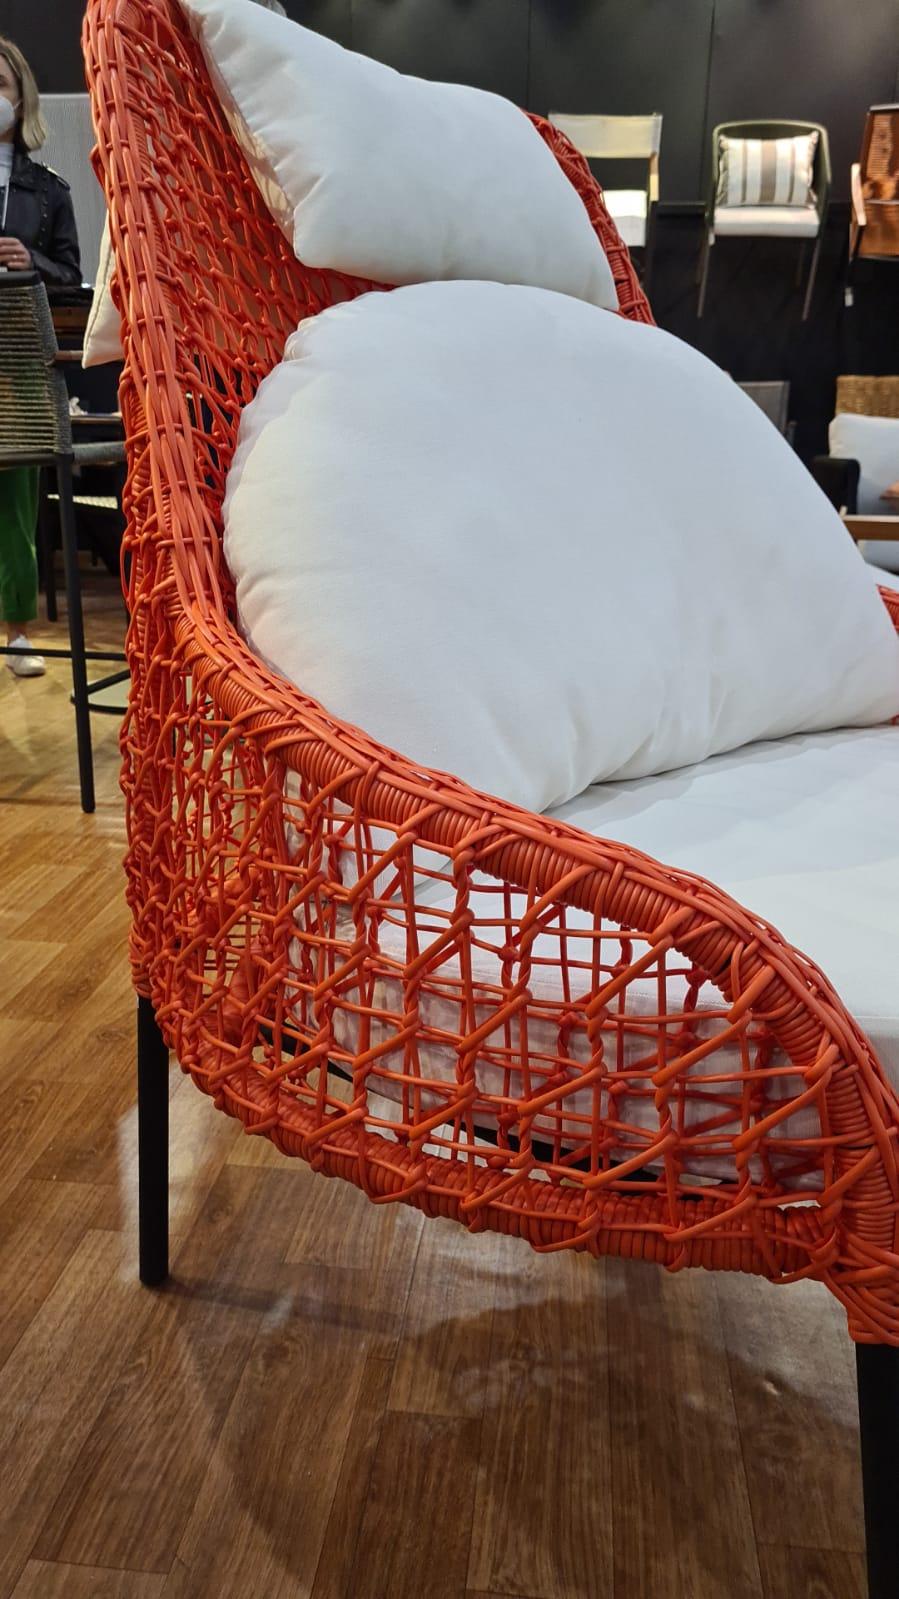 Mobiliário laranja com uma pegada entre o coral e o terracota, na Arte Objetos.